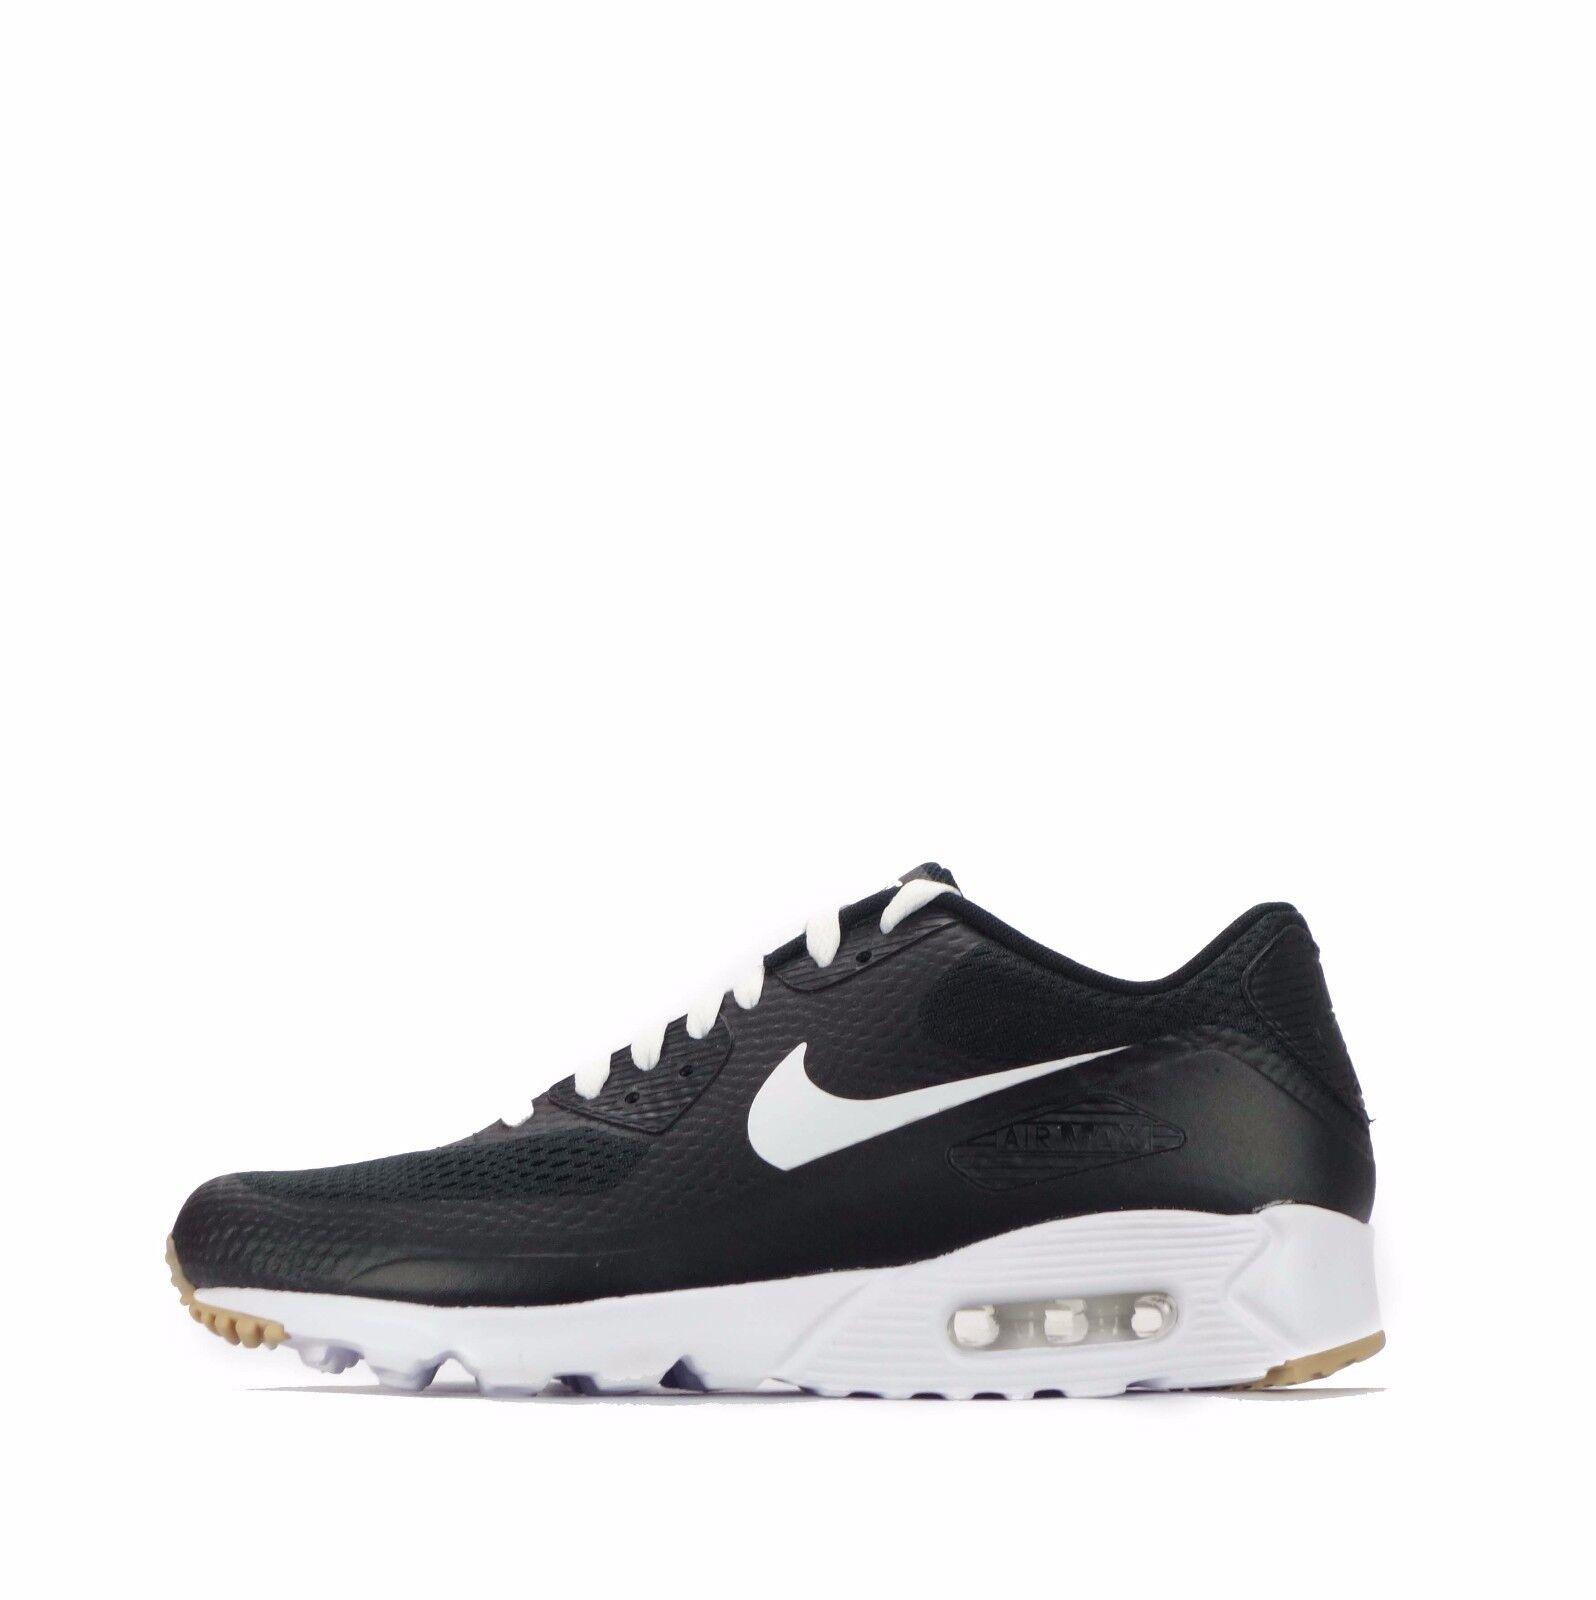 Nike Air Chaussures Max 90 Ultra Essential Hommes  Chaussures Air  Noir /blanc 607489